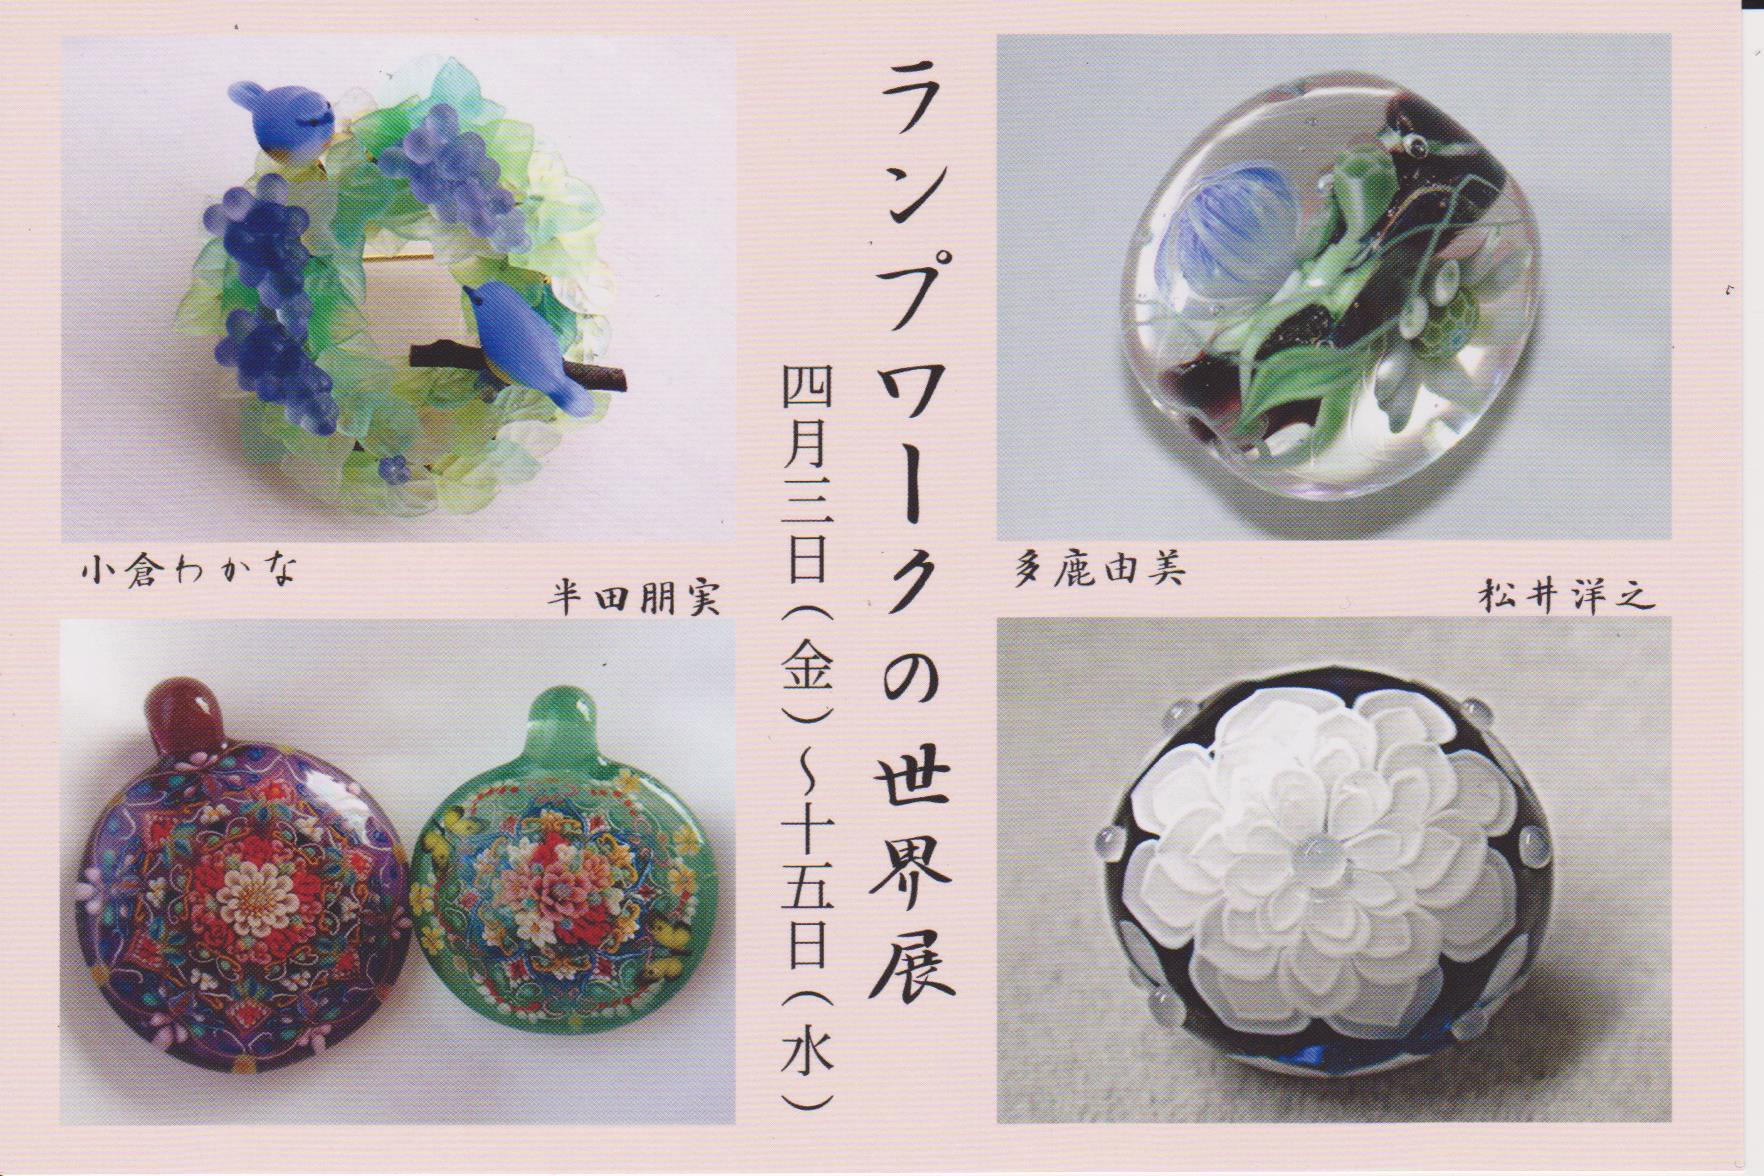 悠遊舎ぎゃらりぃさんの作品展_a0163516_22115013.jpg